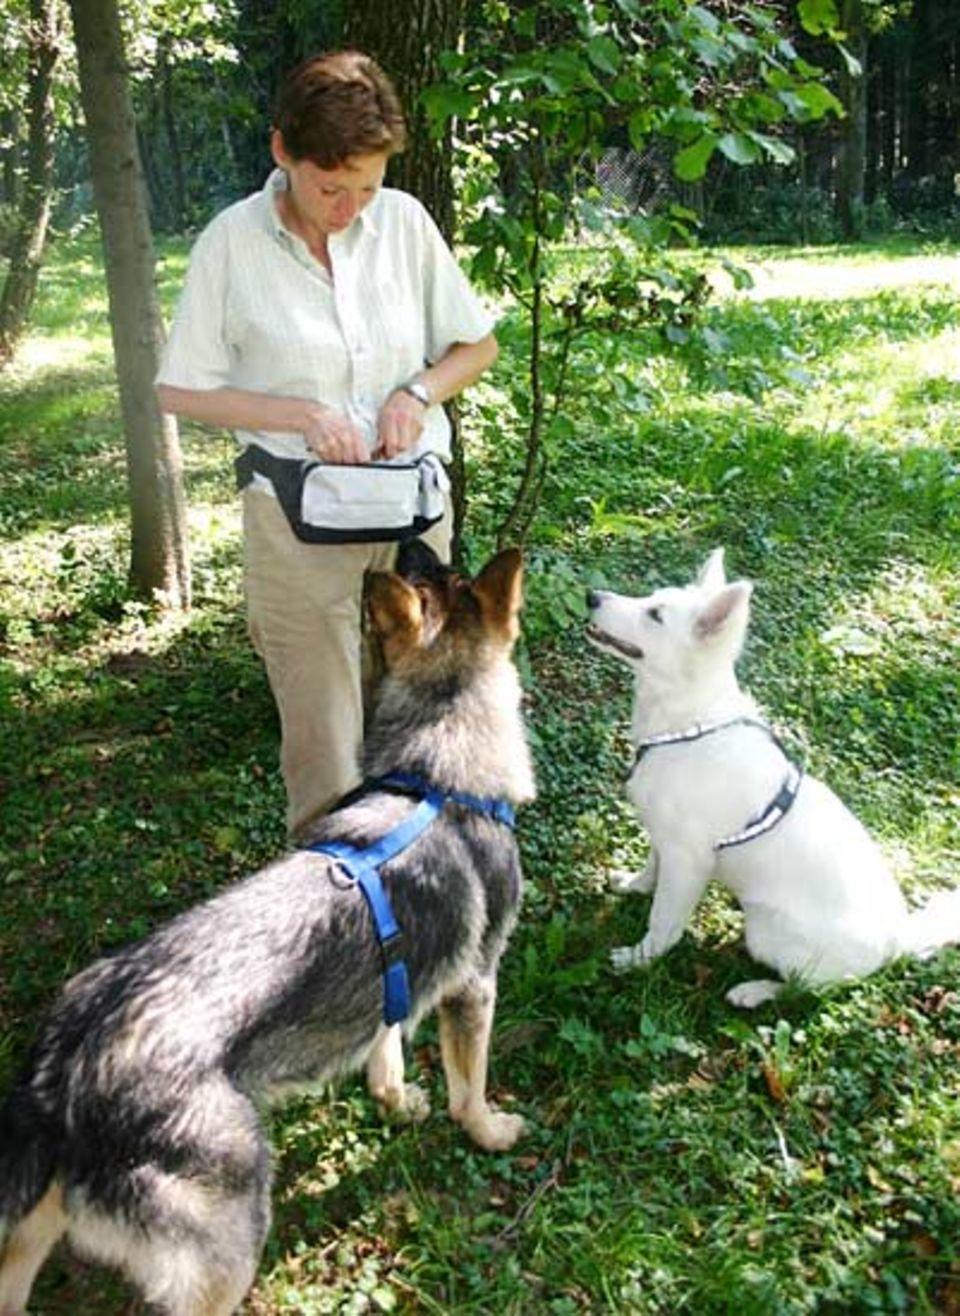 Beruf: Am Ende des Trainings haben sich die Hunde natürlich auch eine Belohnung verdient